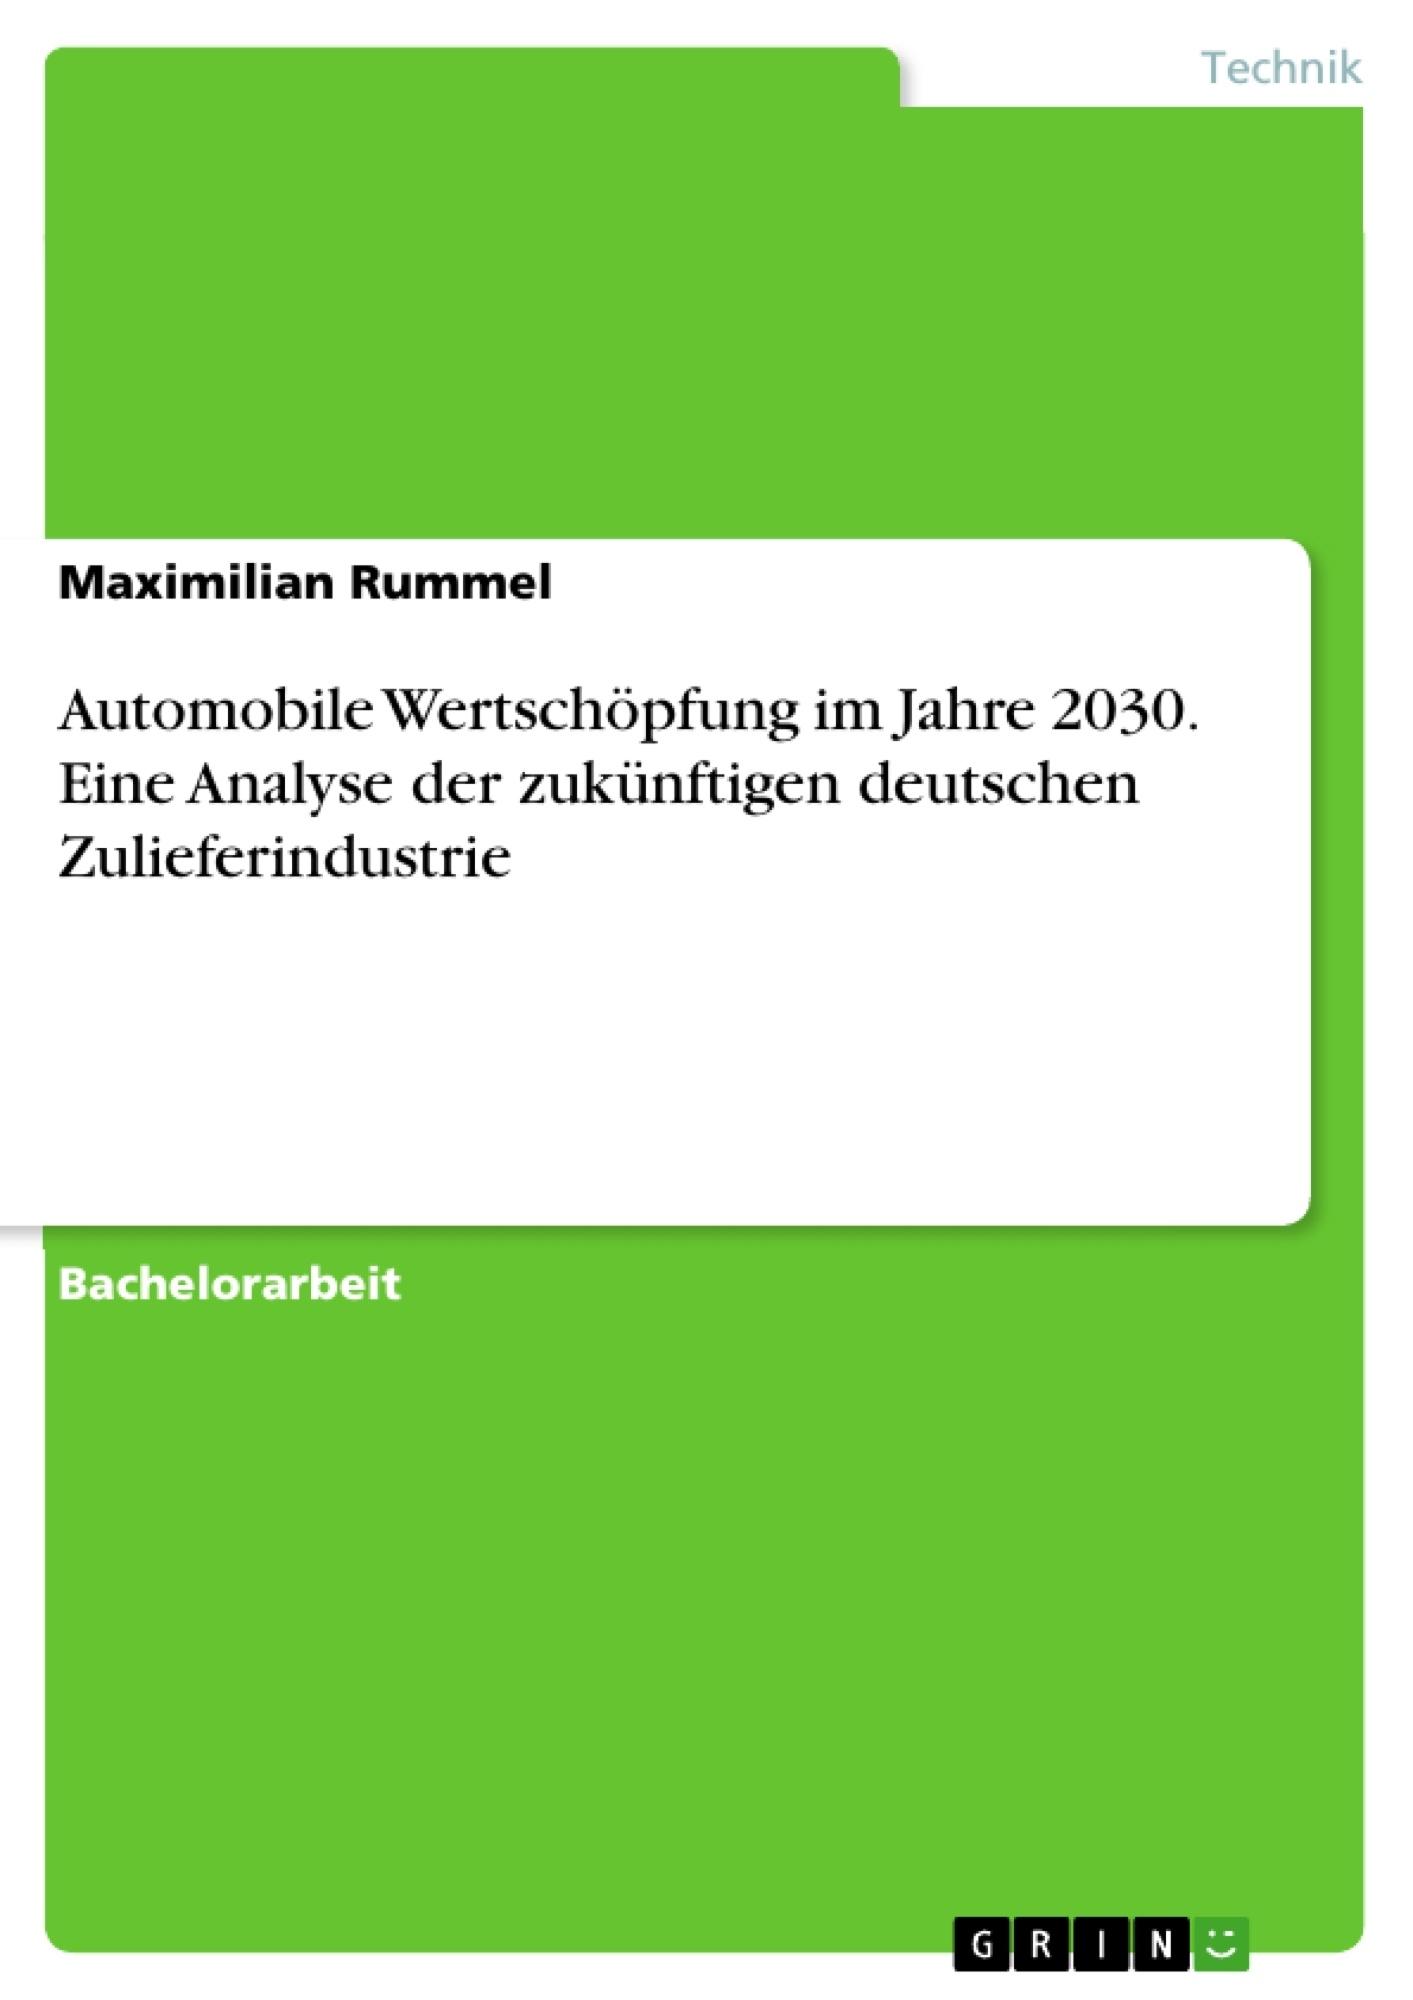 Titel: Automobile Wertschöpfung im Jahre 2030. Eine Analyse der zukünftigen deutschen Zulieferindustrie